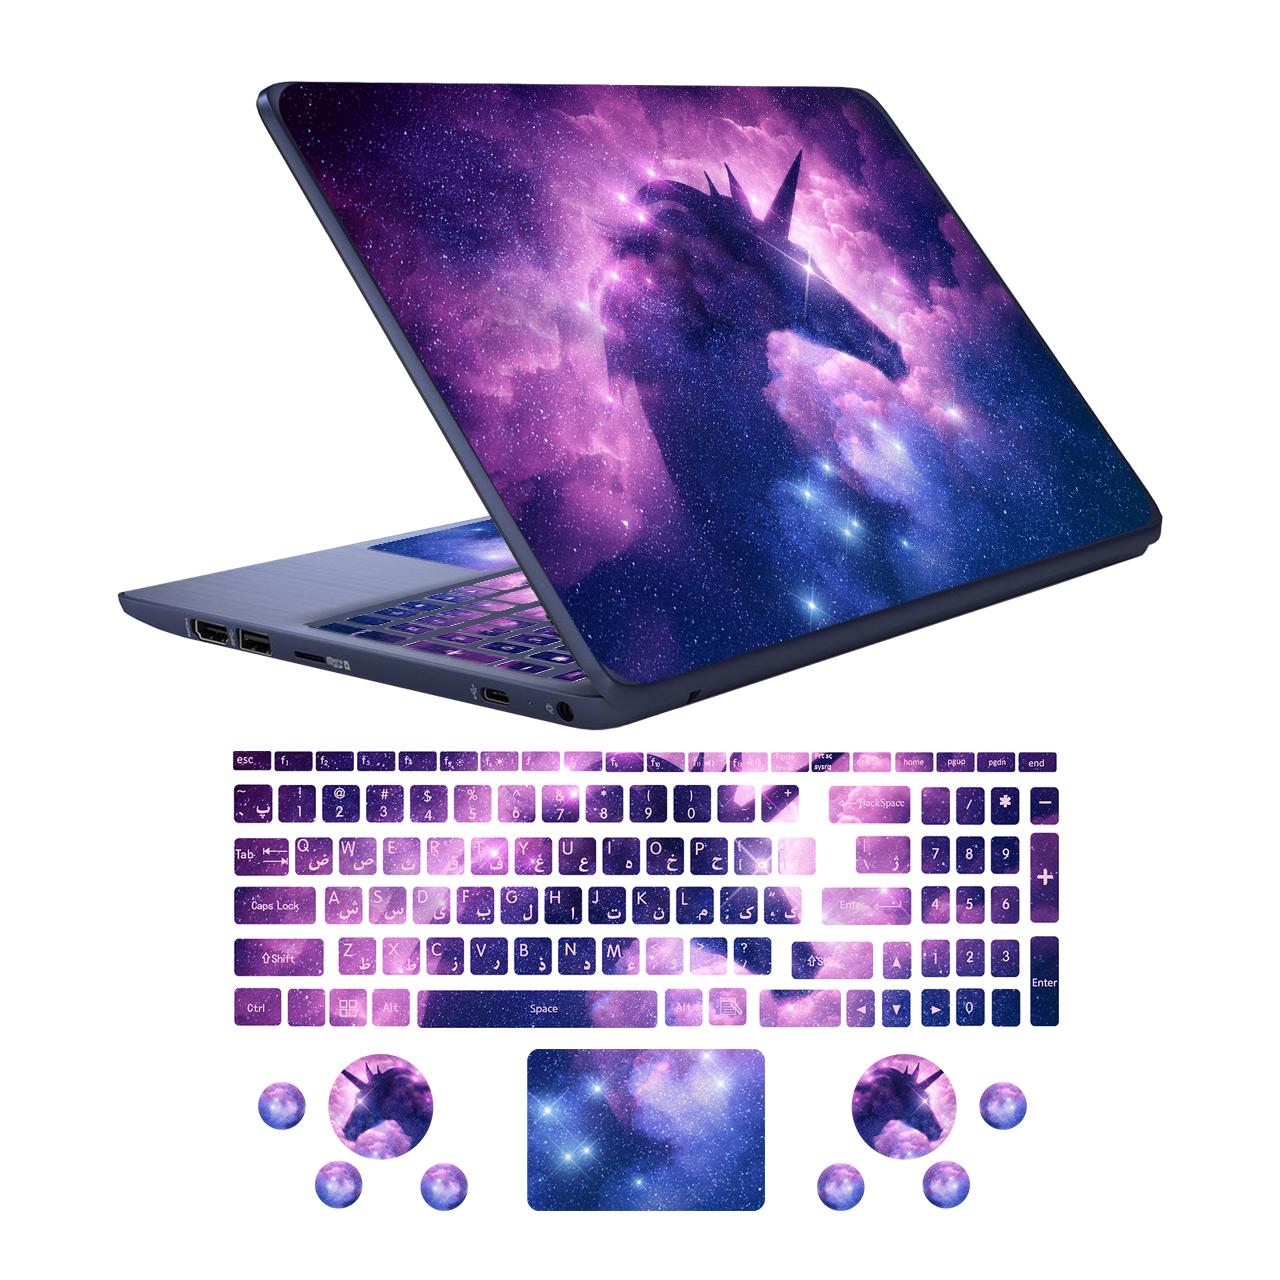 استیکر لپ تاپ کد uni-corn01 به همراه برچسب حروف فارسی کیبورد